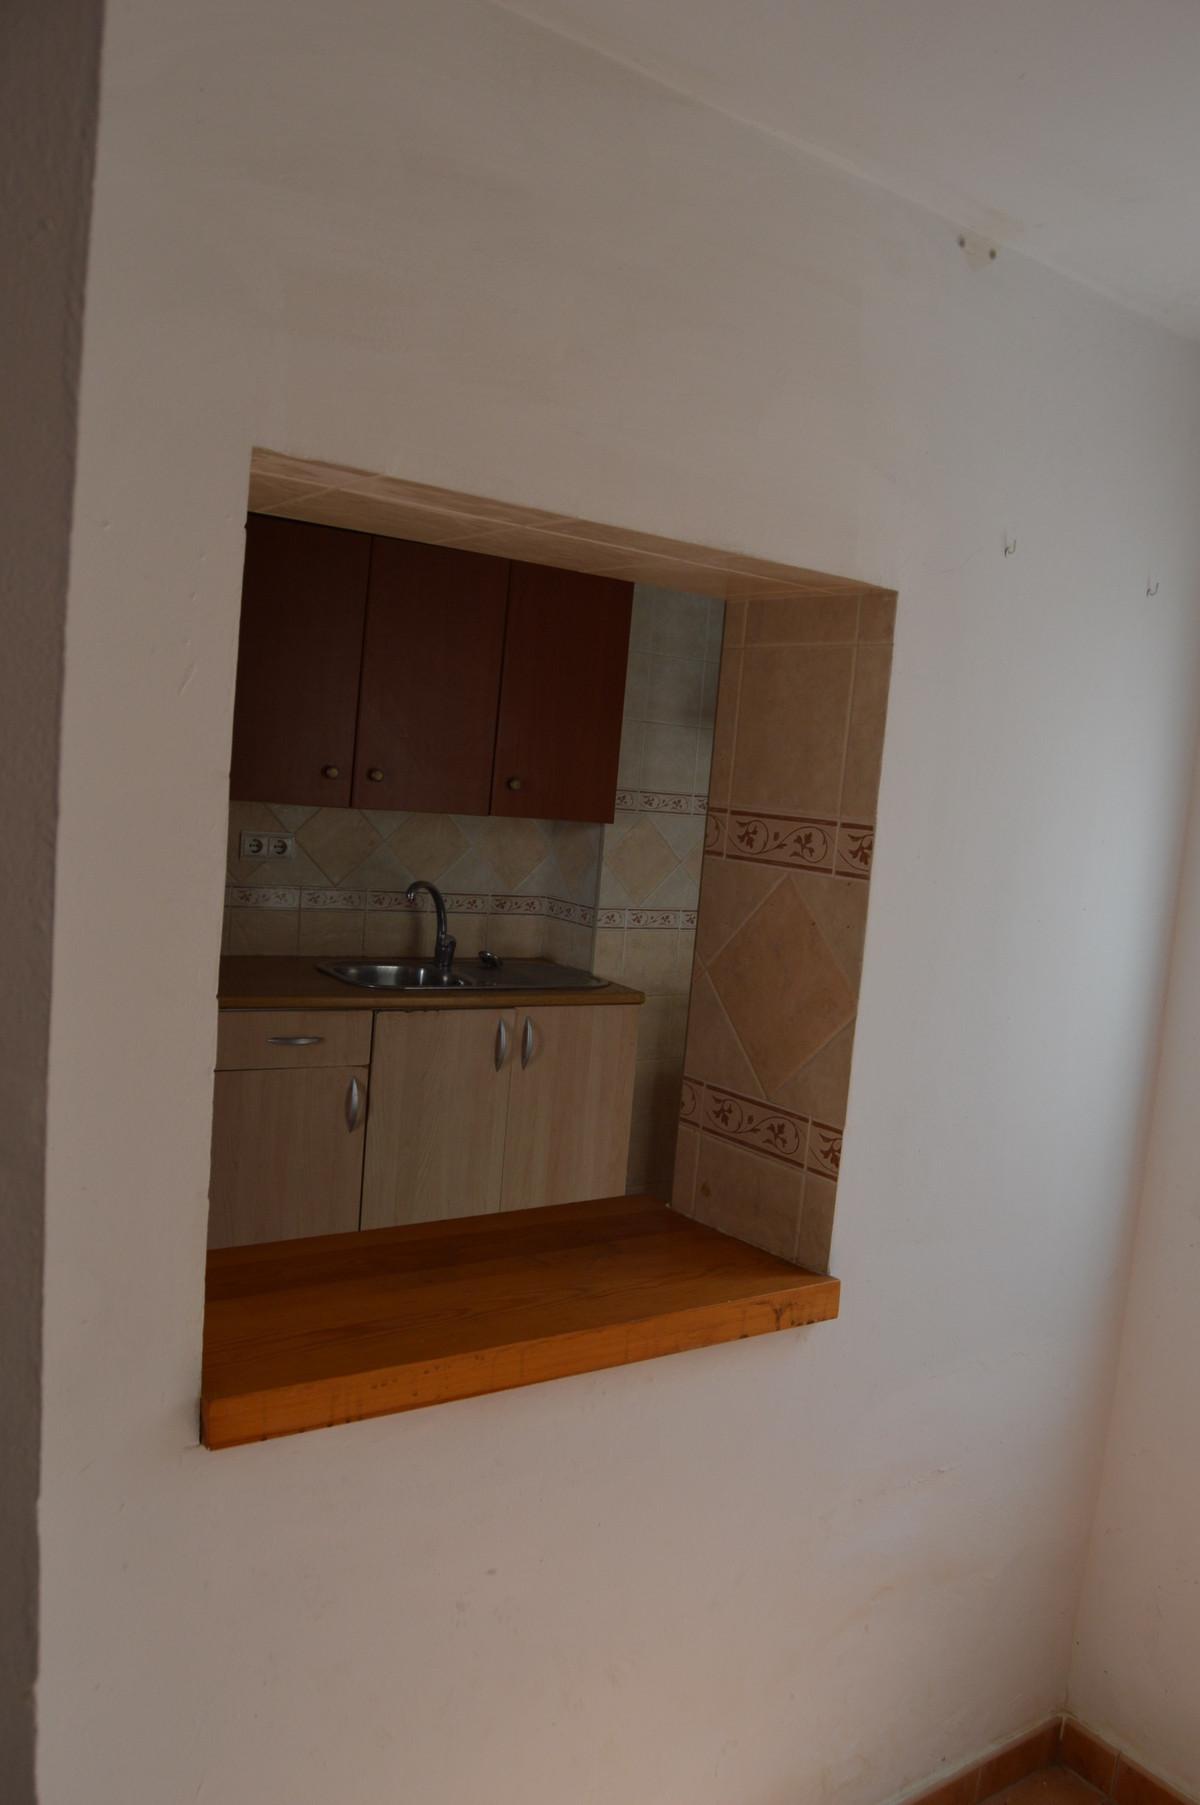 2 Bedrooms - 1 Bathrooms